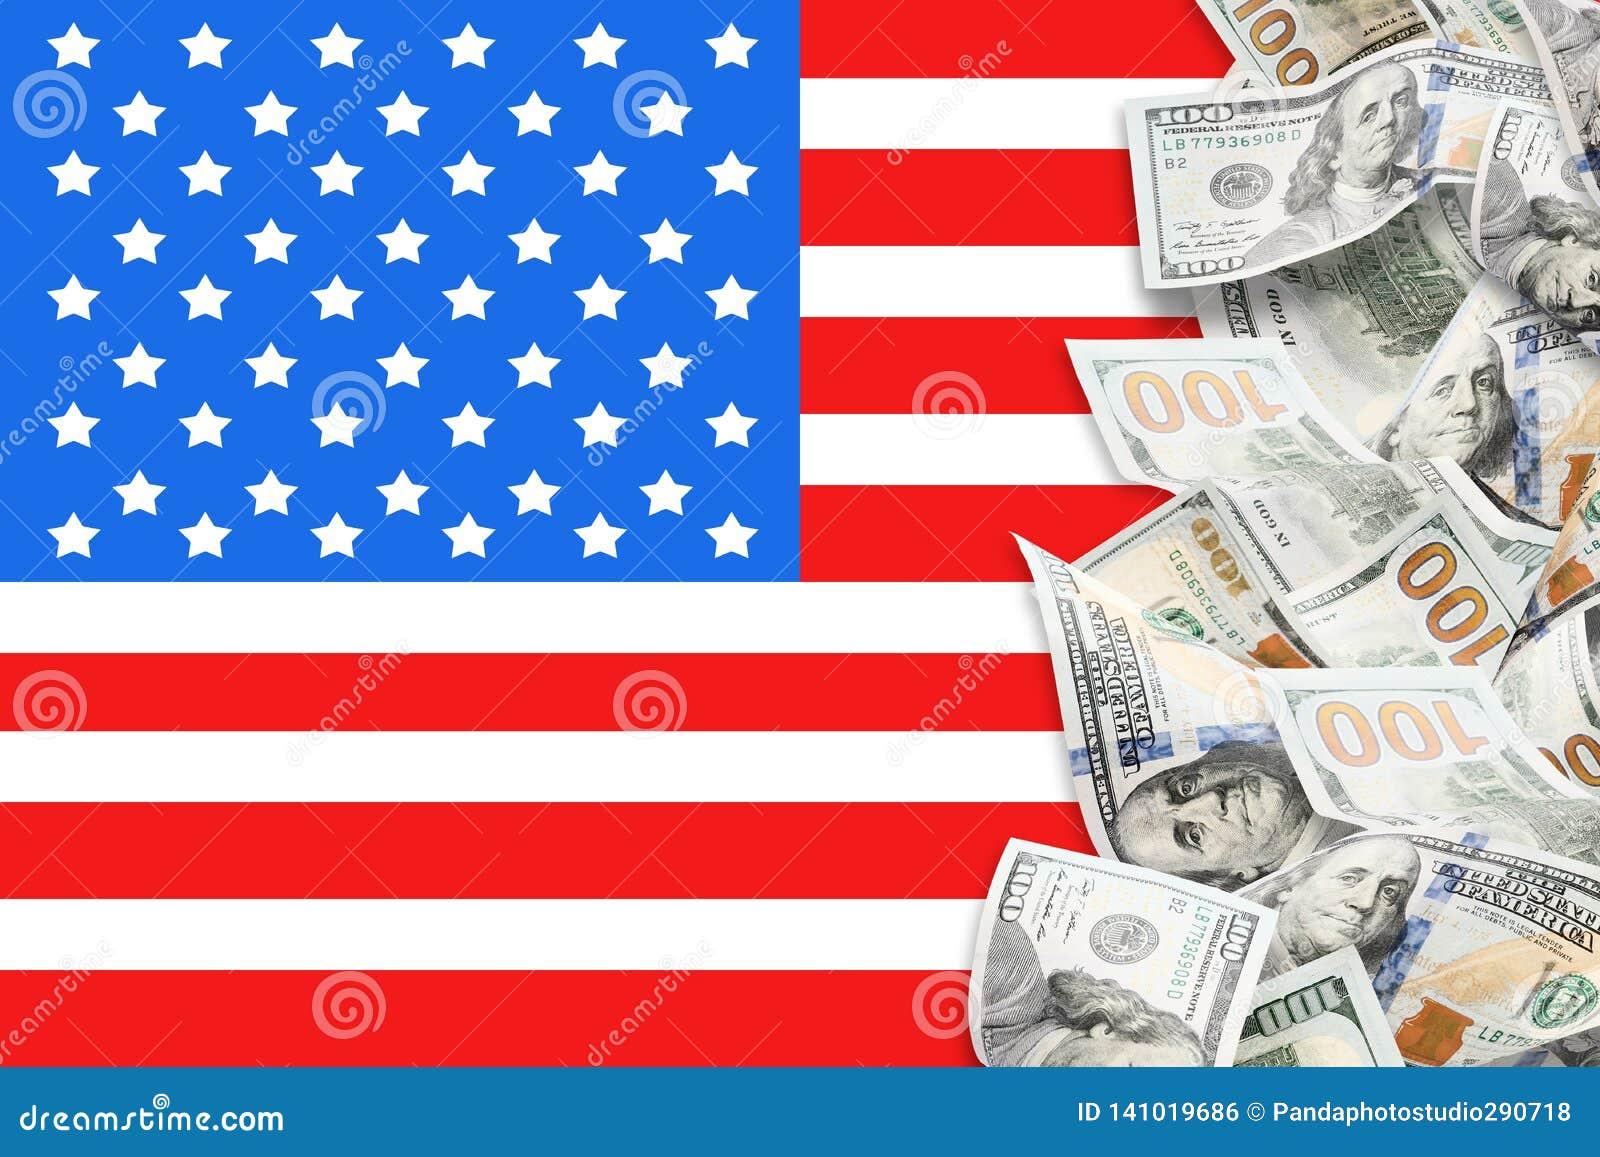 Πολλές δολάρια και αμερικανική σημαία